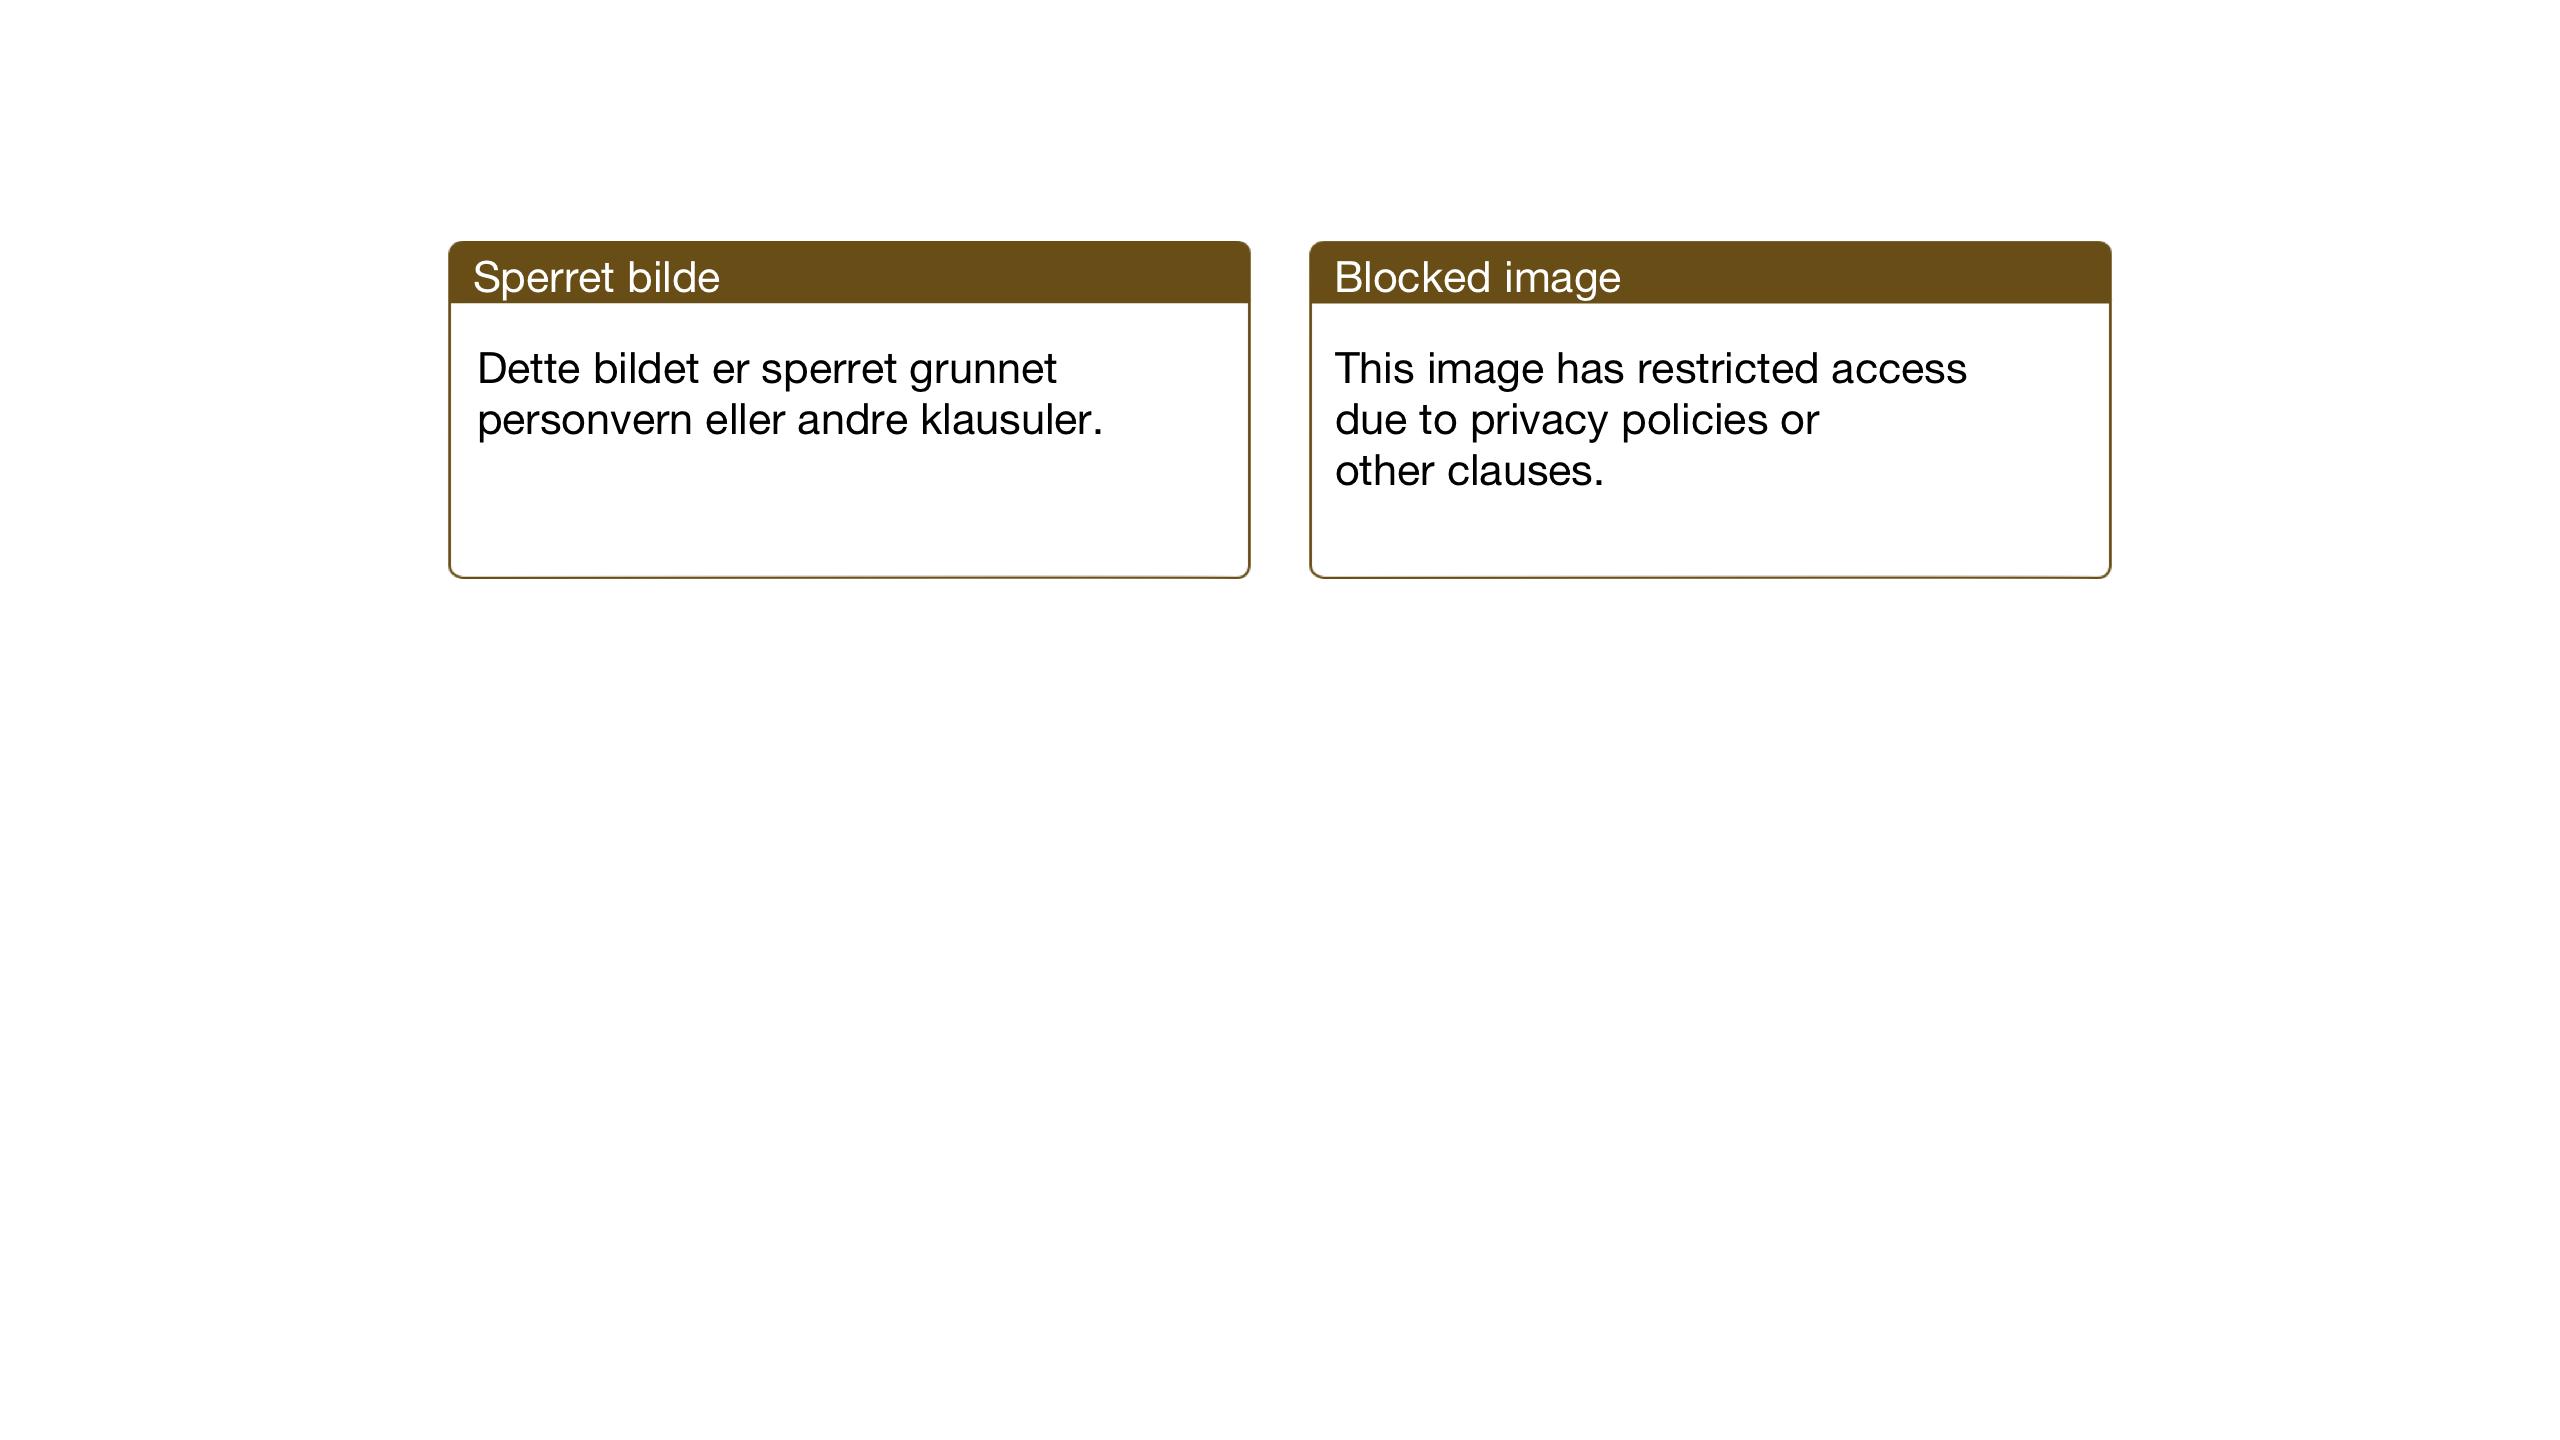 SAT, Ministerialprotokoller, klokkerbøker og fødselsregistre - Sør-Trøndelag, 611/L0356: Klokkerbok nr. 611C04, 1914-1938, s. 60